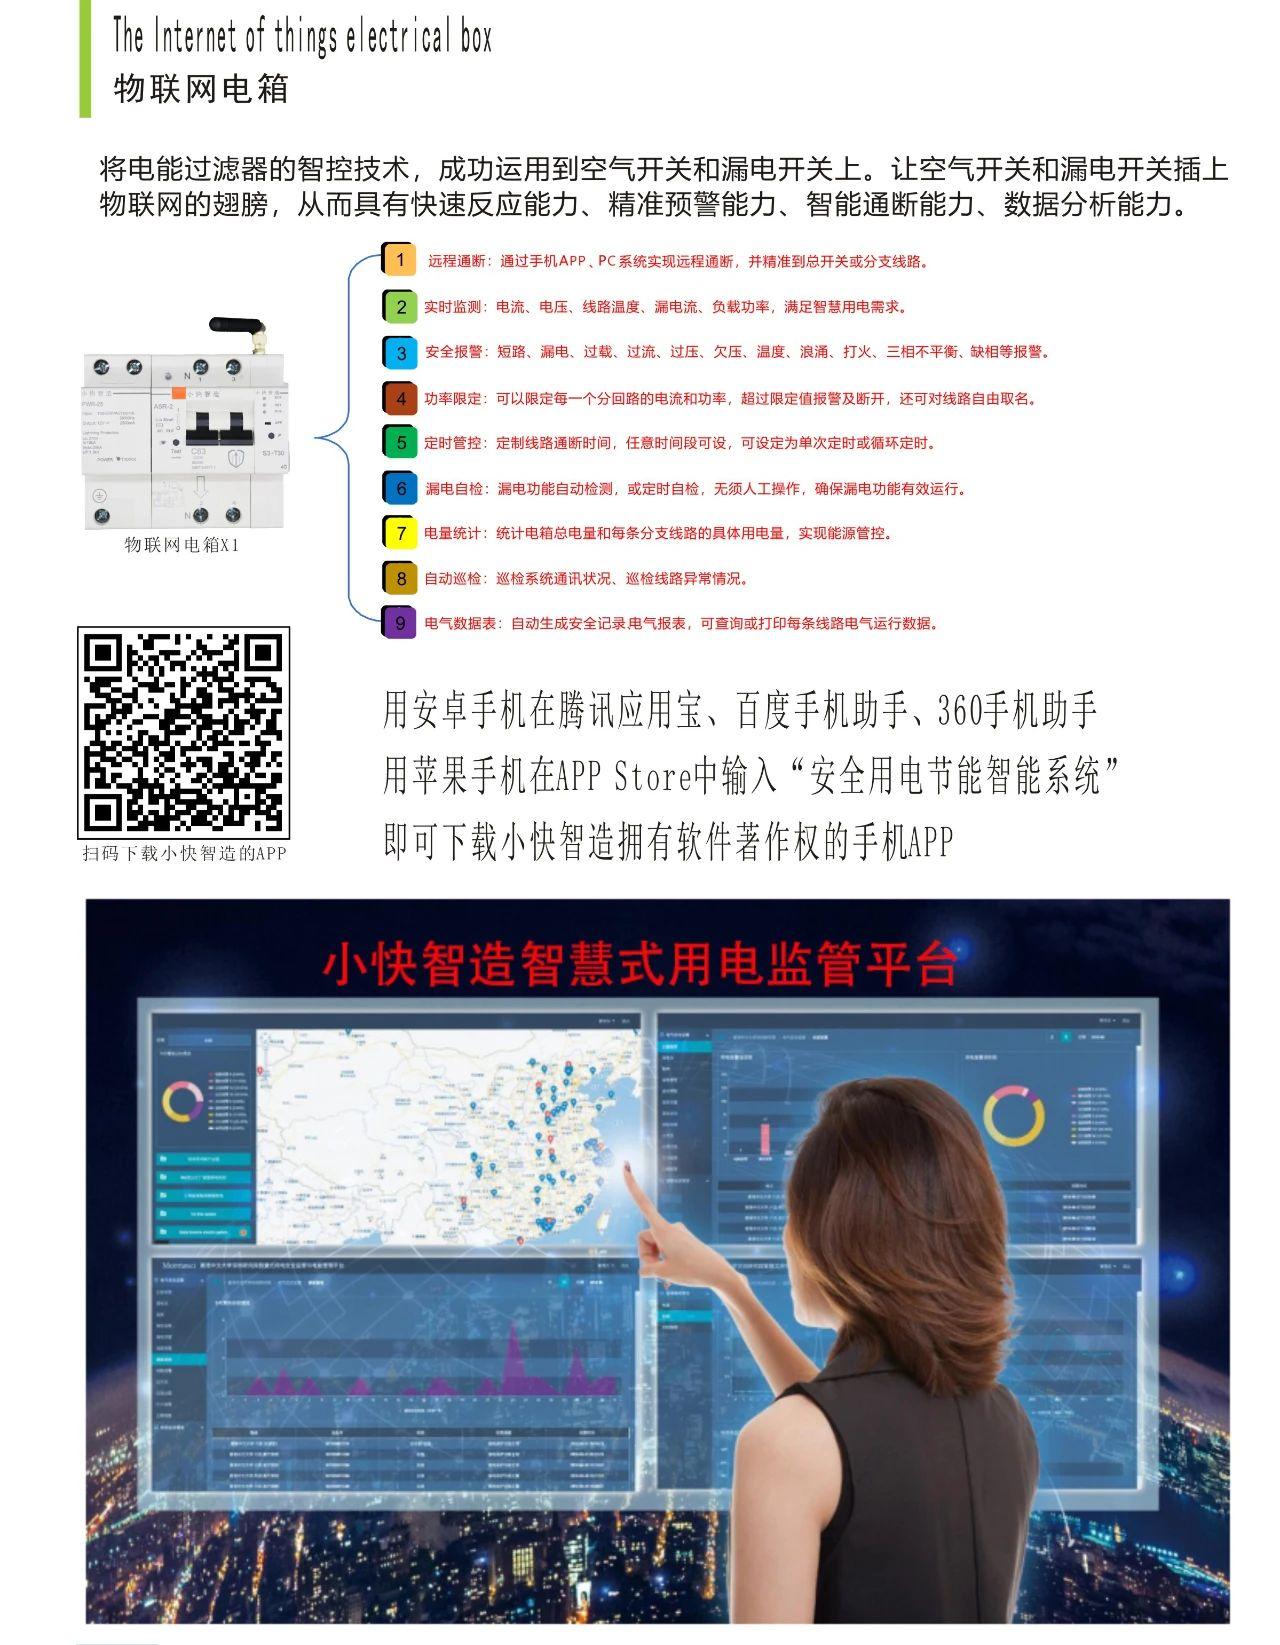 宣传页图片8.jpg